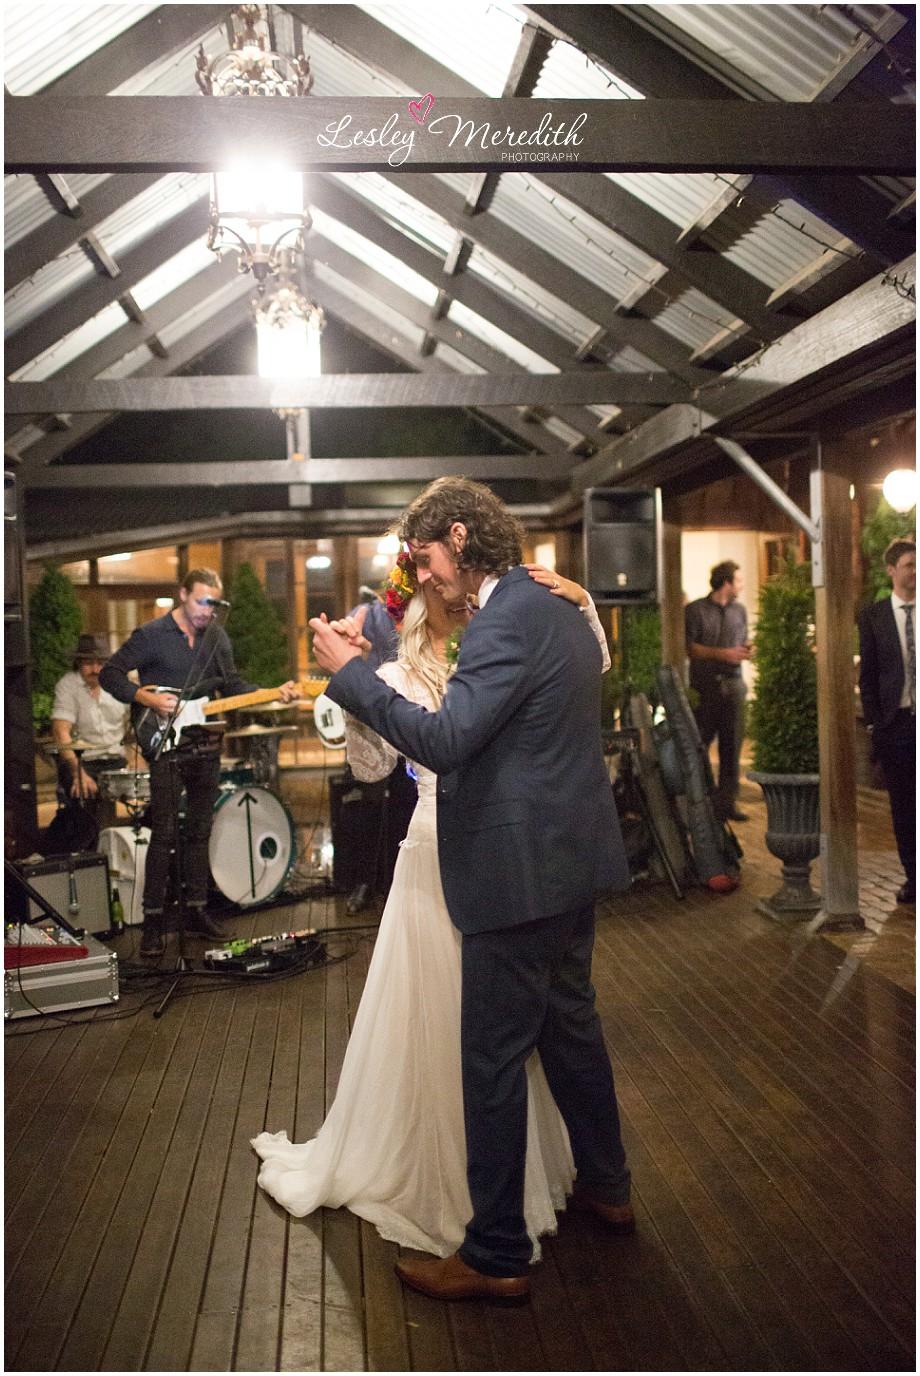 www.lesleymeredith.co.uk_4637